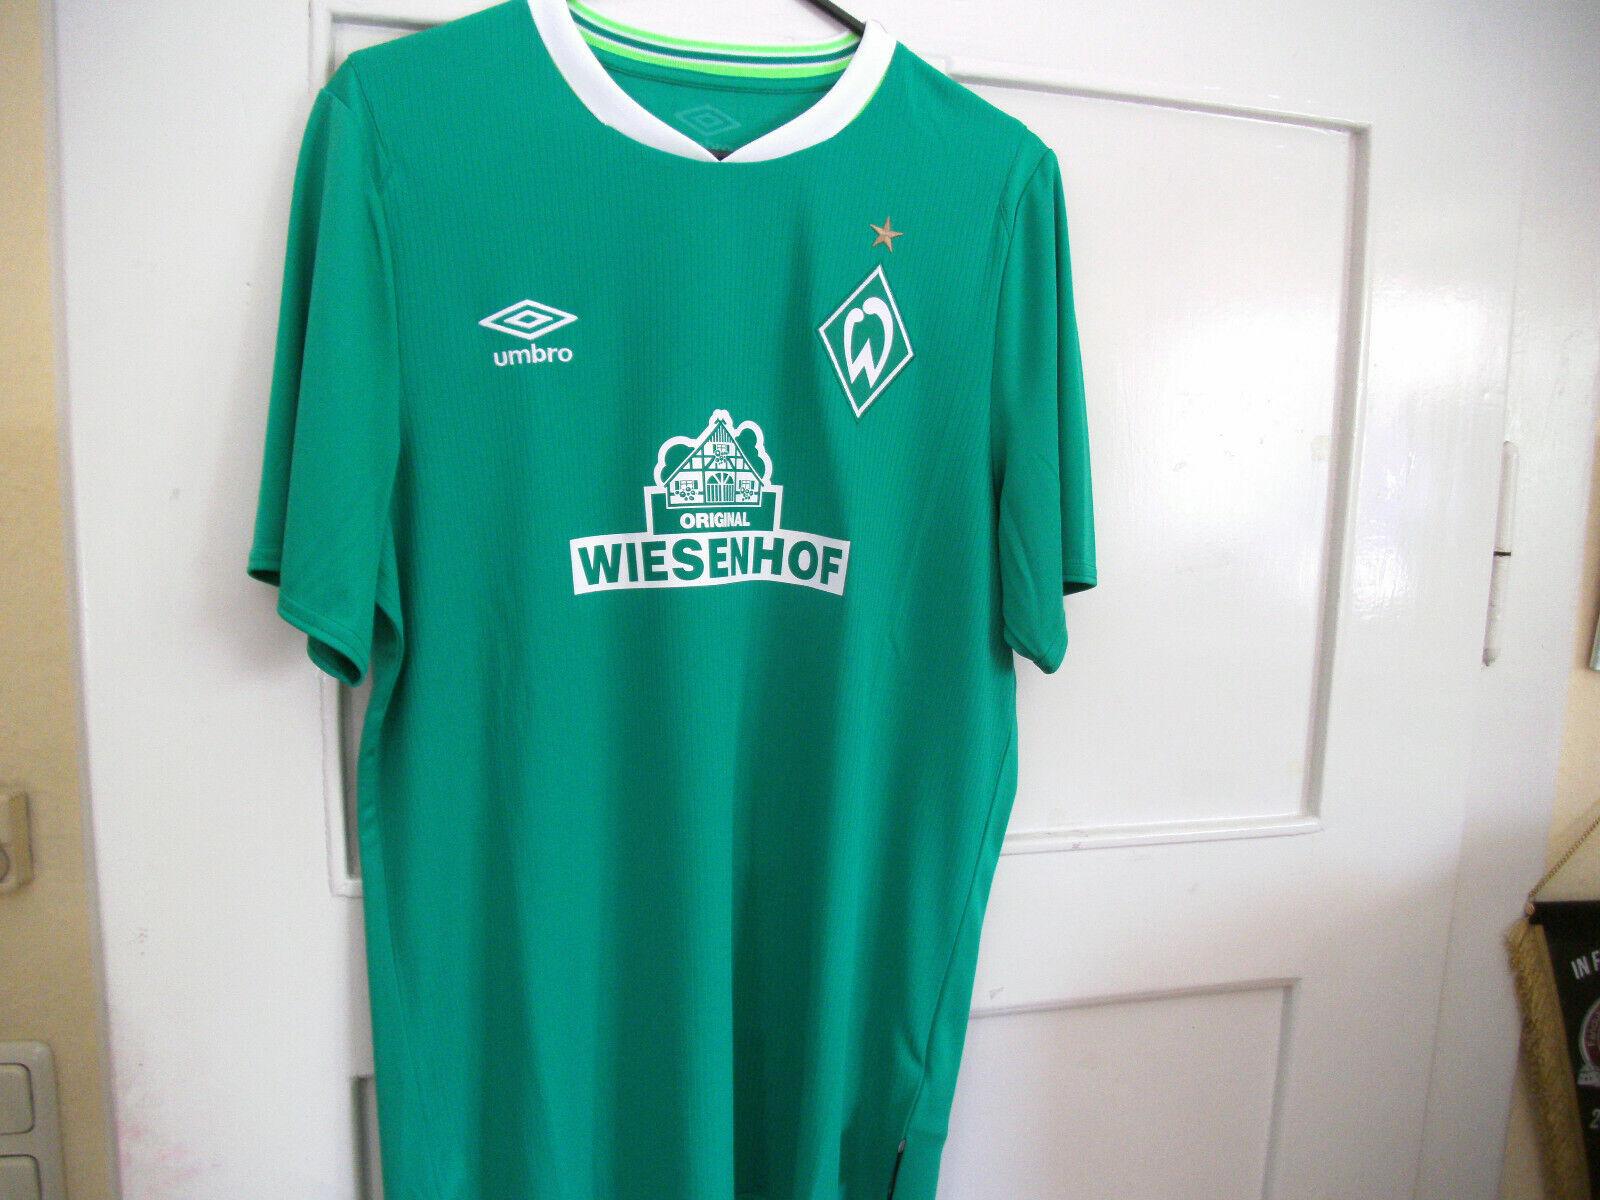 Umbro SV Werder Bremen Heim Trikot Kinder 2019 20 Grün - Weiss  Gr. YM - YXL